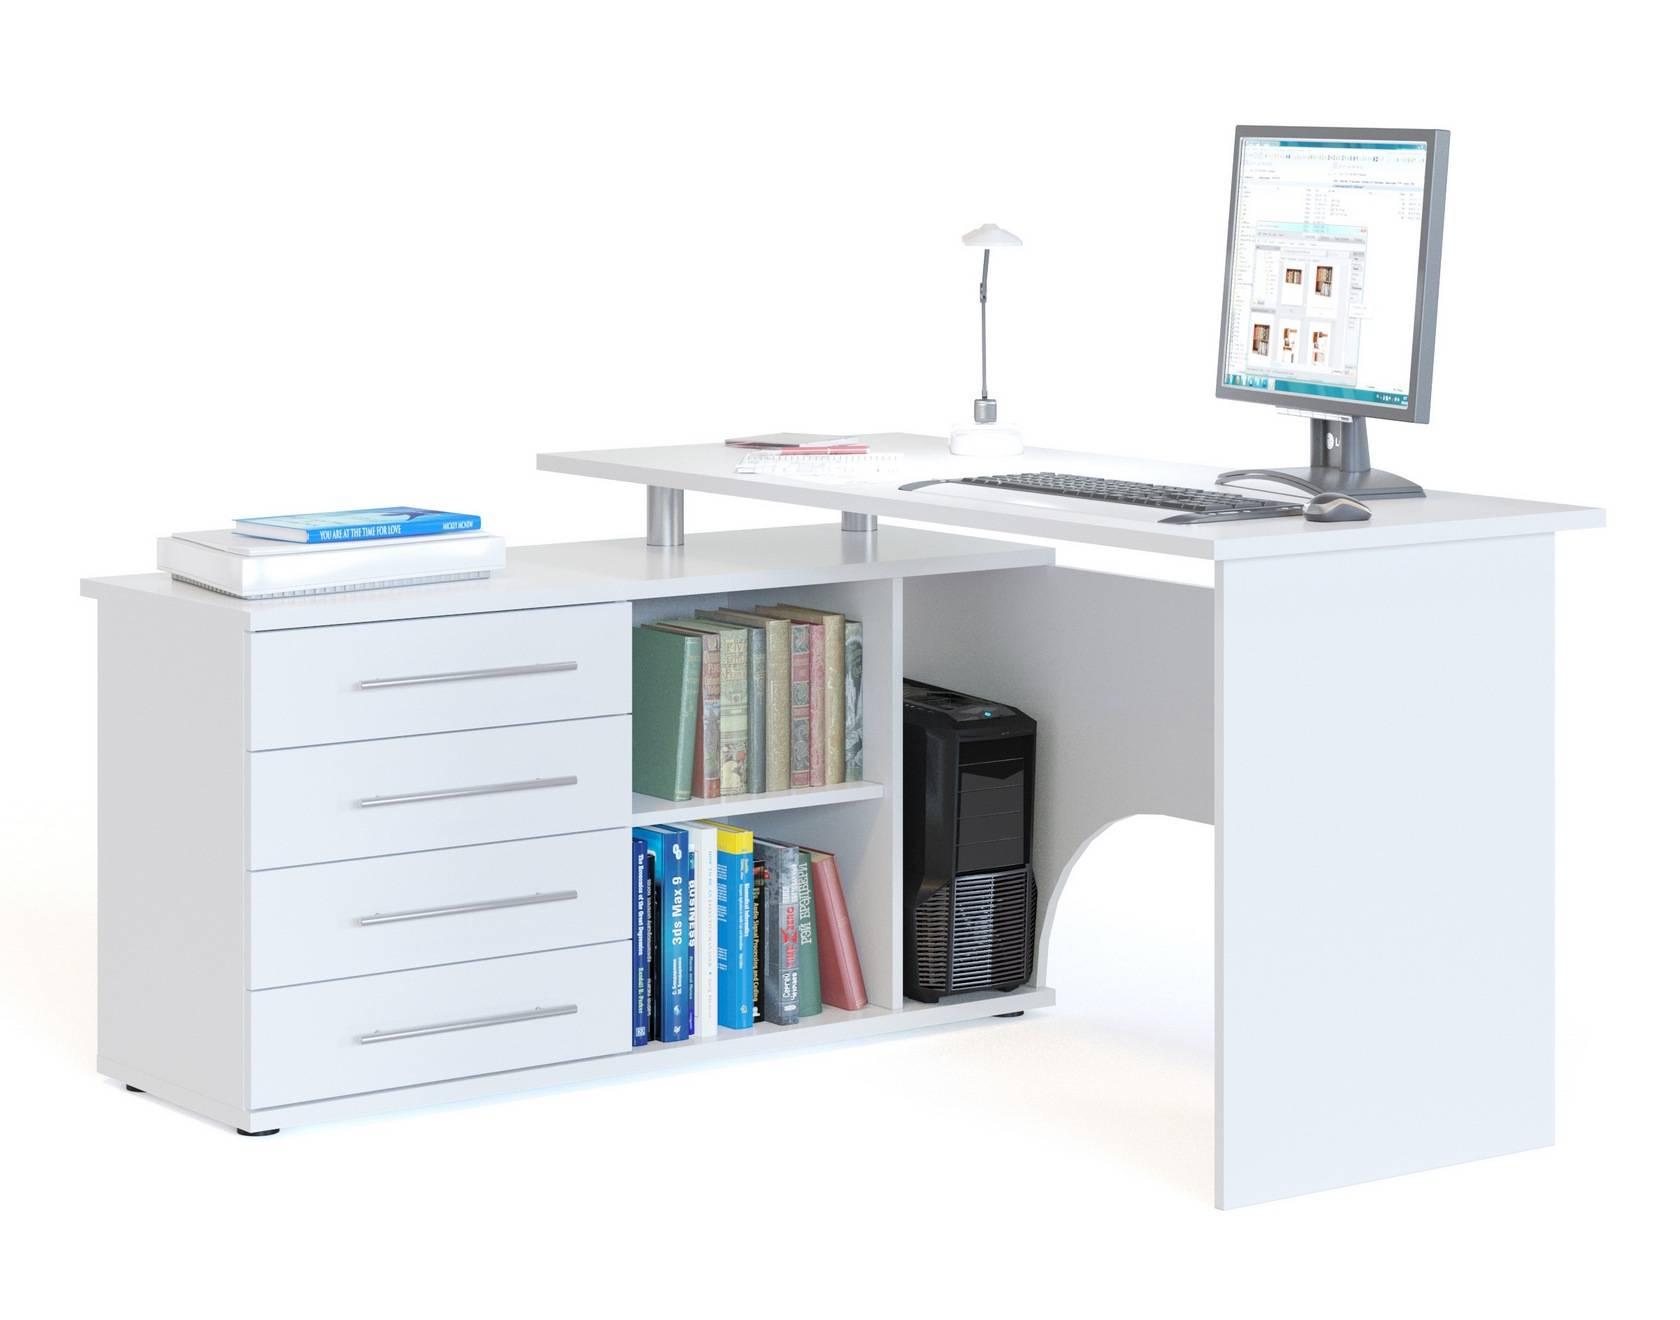 Компьютерный стол сокол кст-109л купить в екатеринбурге, сра.